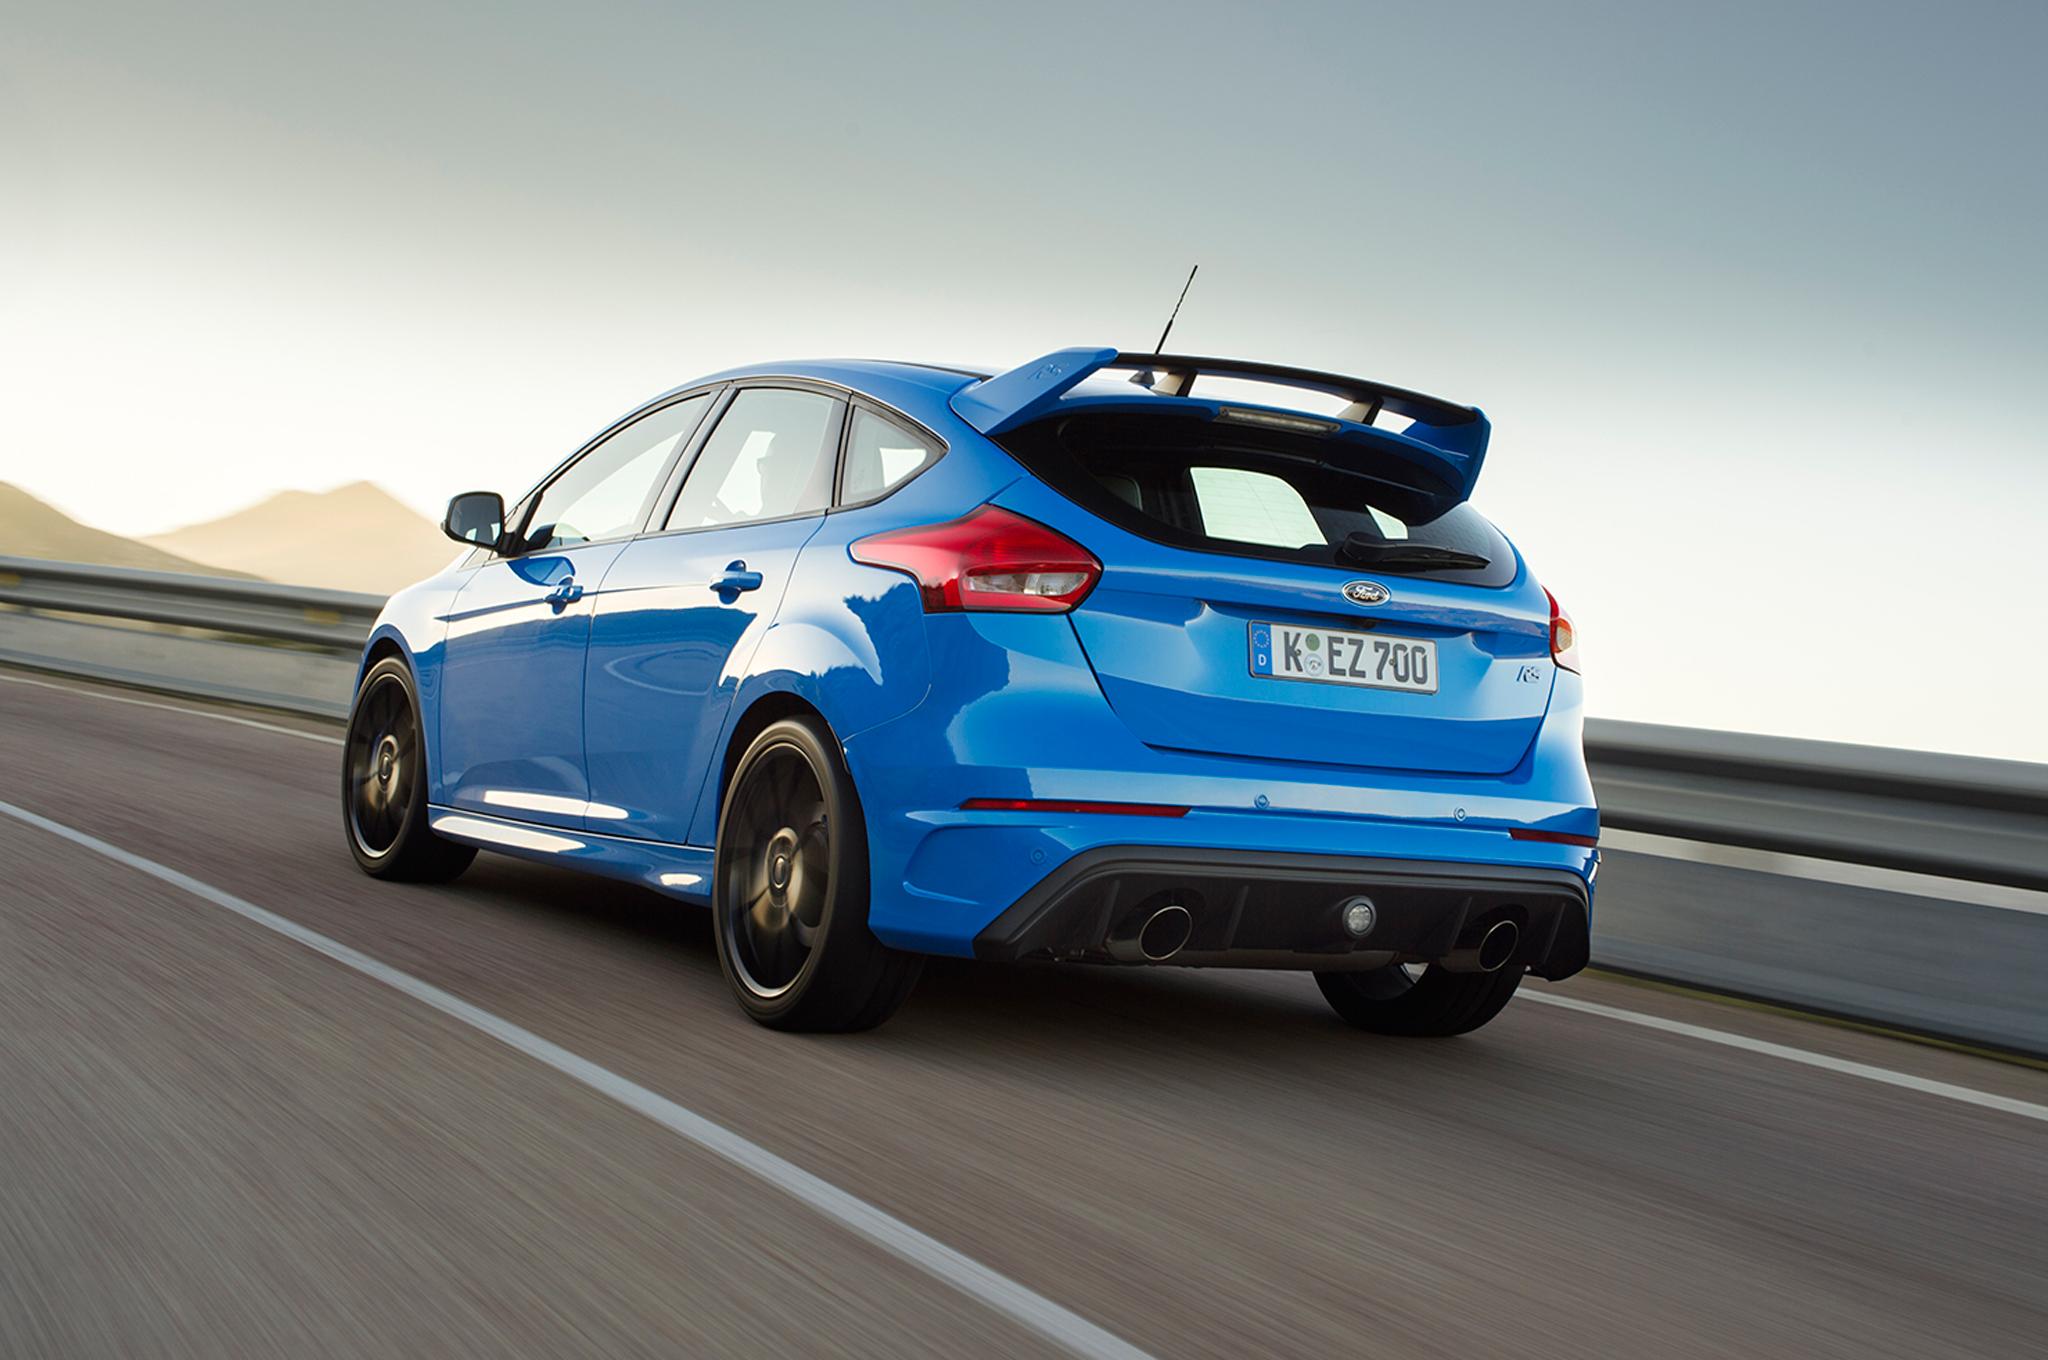 El kit Mountune para el Ford Focus RS le saca potencia manteniendo la garantía 1